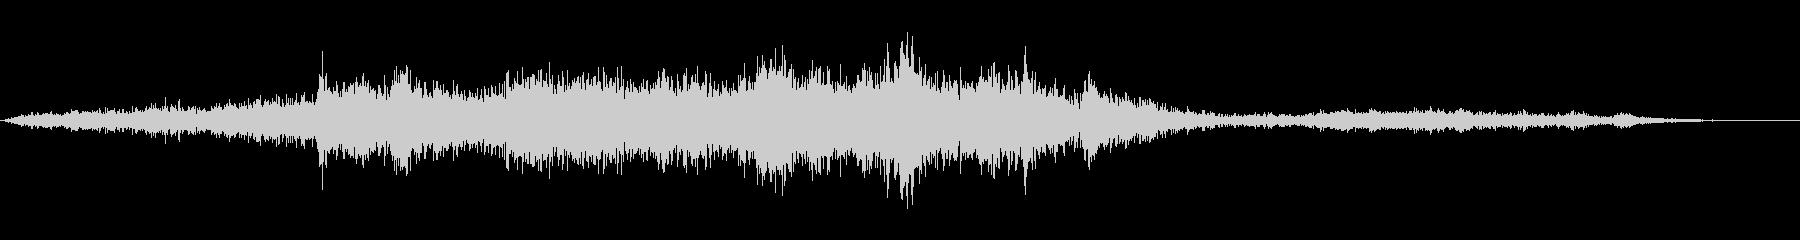 ジンバルのガラガラと揺れの未再生の波形